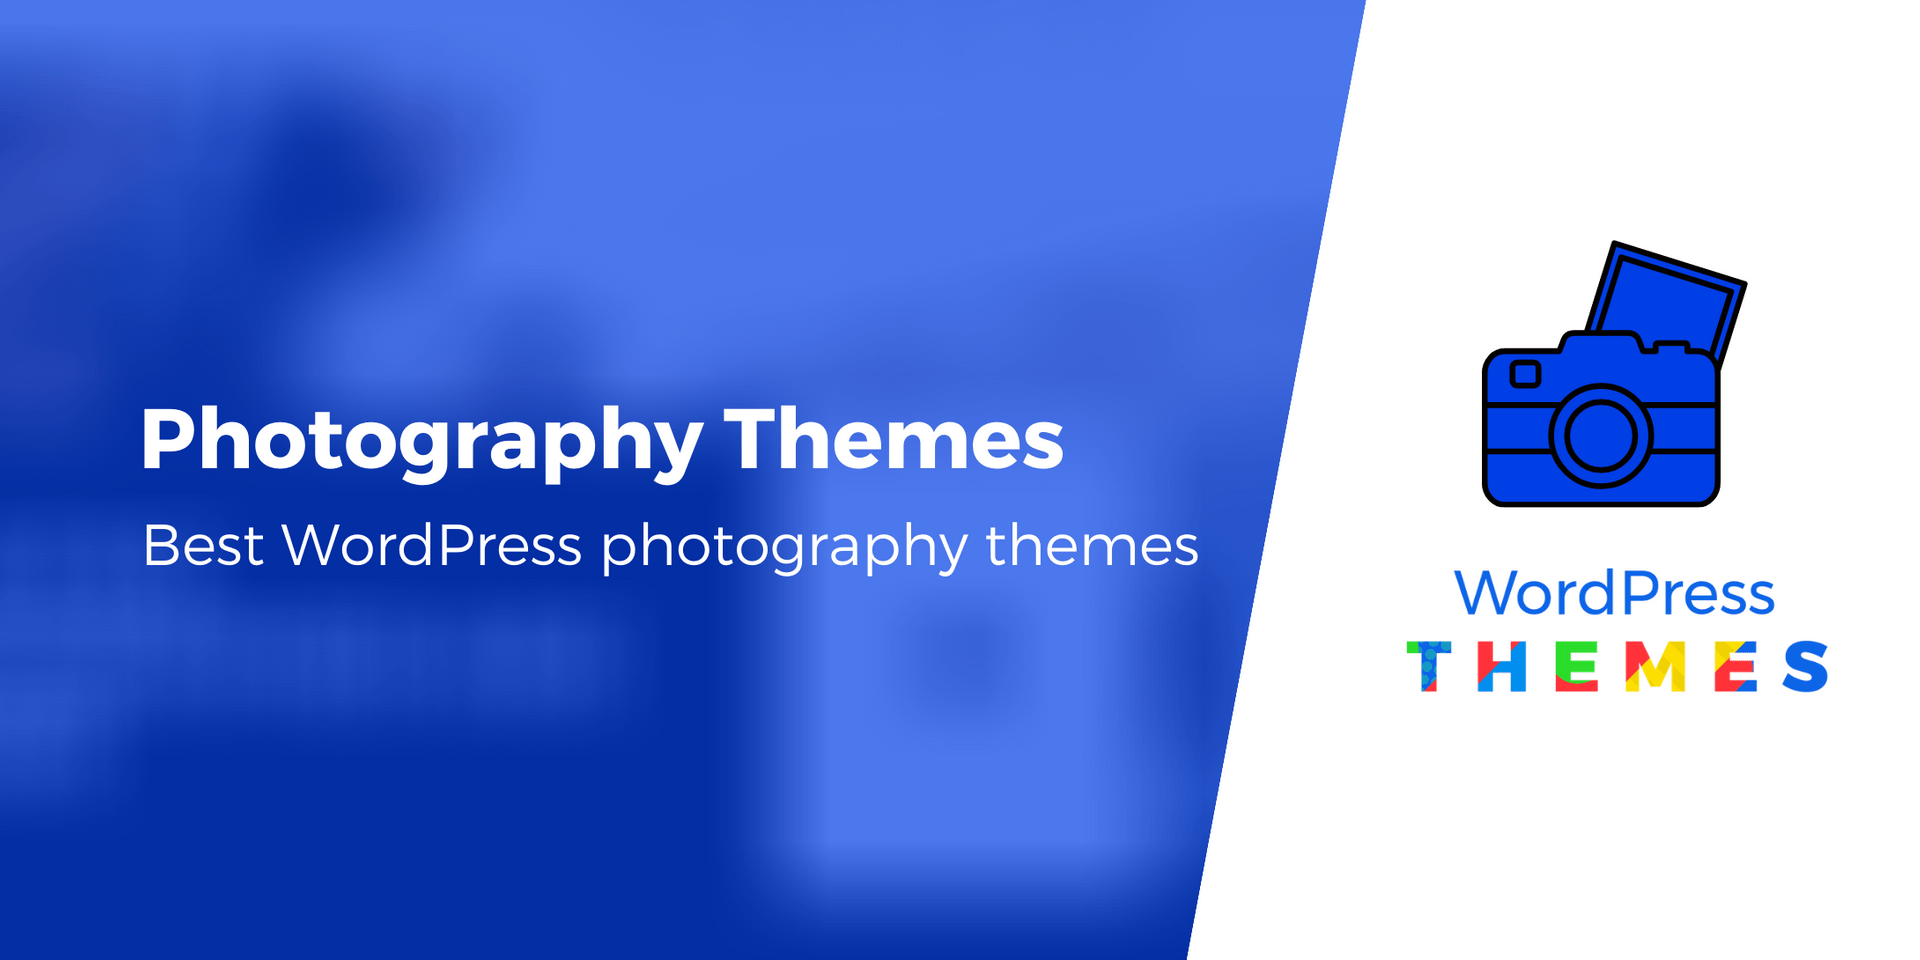 أفضل 10 ثيمات ووردبريس للتصوير الفوتوغرافي في عام 2020 (من اختيار الخبراء)